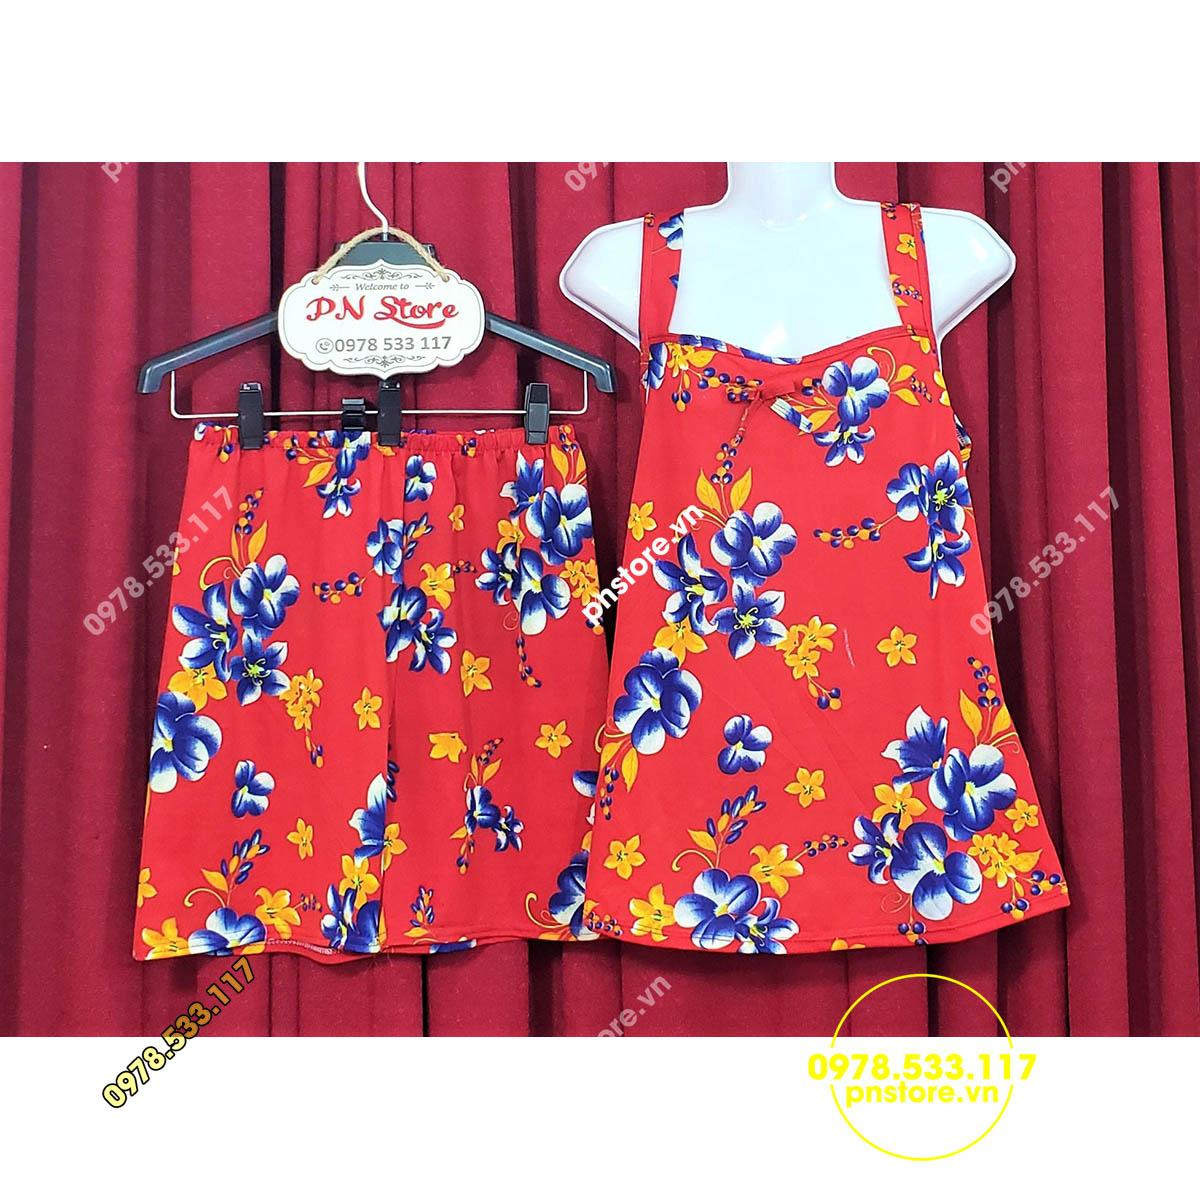 (45-62kg) Đồ bộ đùi thun mặc nhà quai bảng nhiều họa tiêt hoa - PN8804